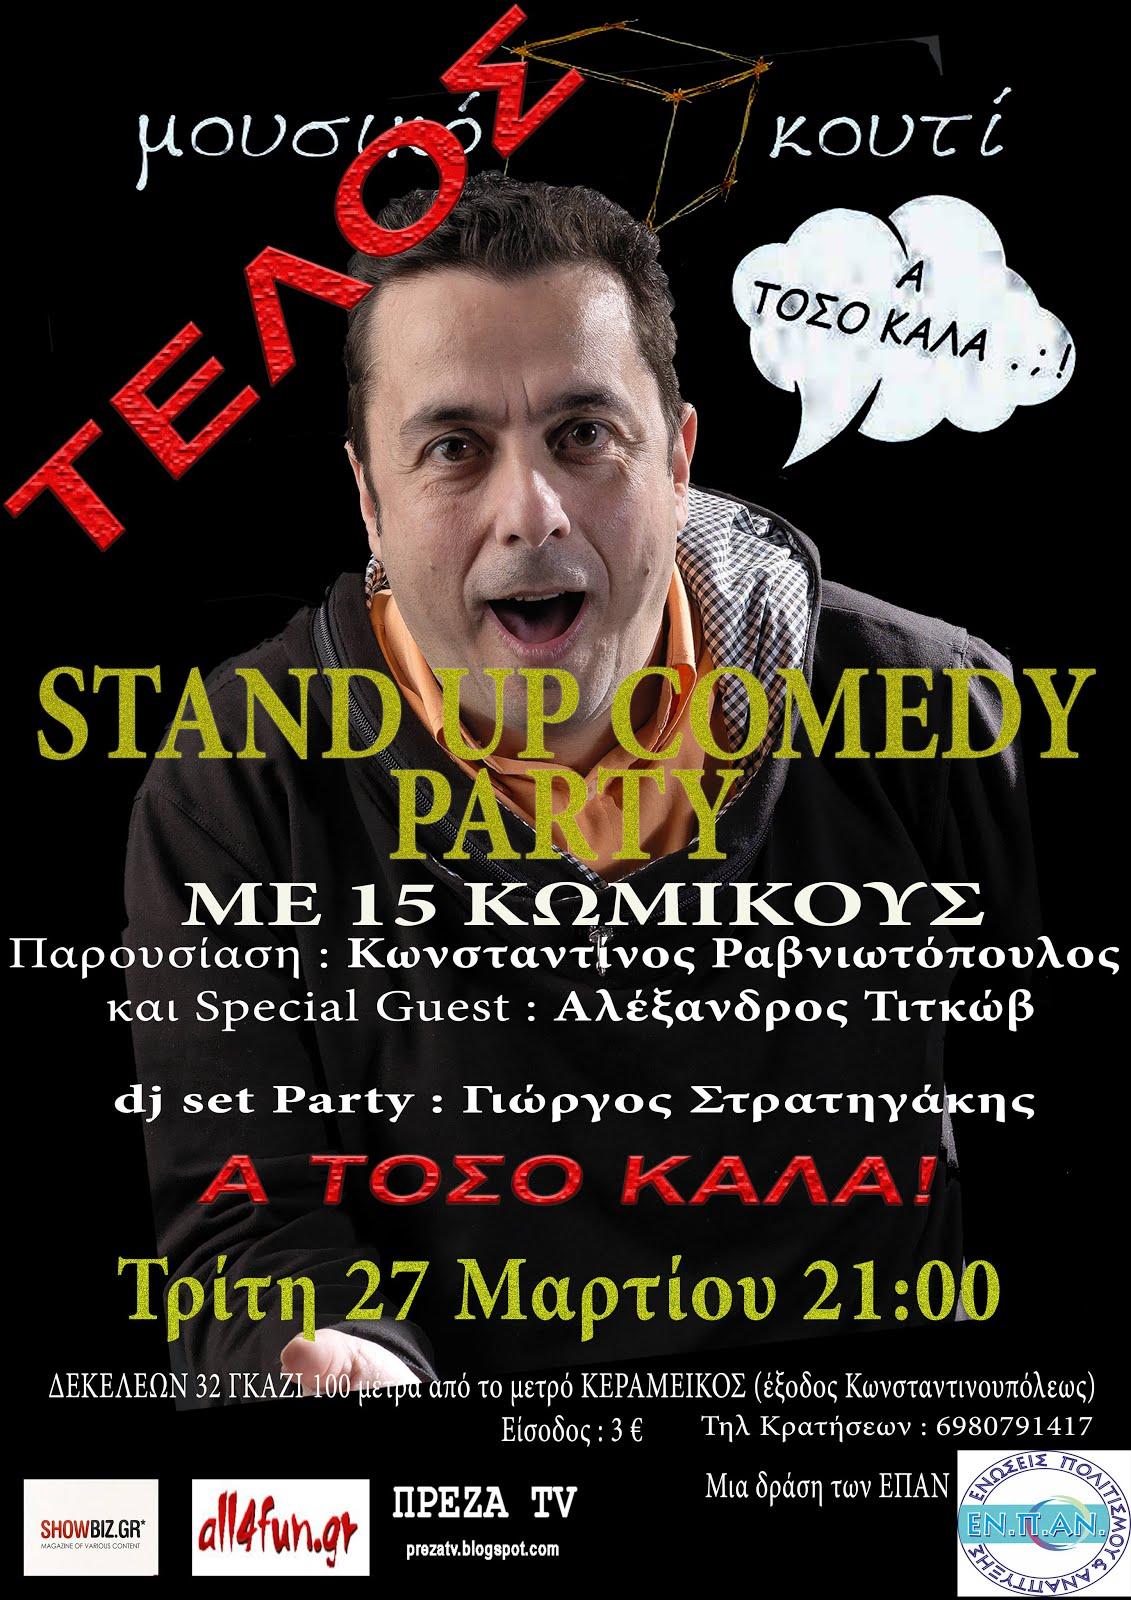 Ο Κωνσταντίνος Ραβνιωτόπουλος και 15 stand up comedians αυτή τη Τρίτη στο Μουσικό Κουτί στο Γκάζι!